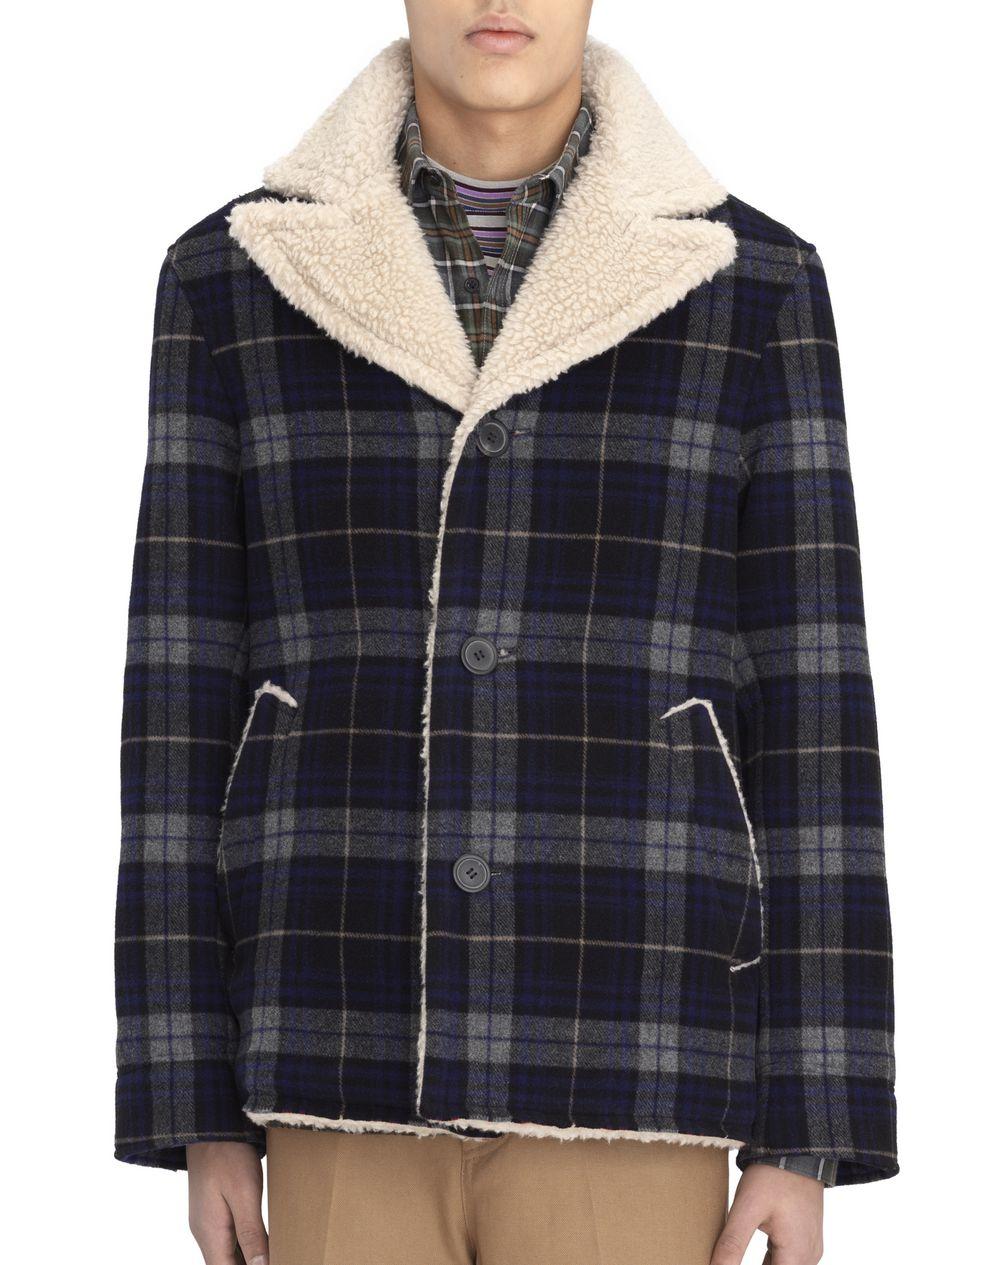 Manteau canadienne en laine à carreaux bleus Lanvin Prix €1 795